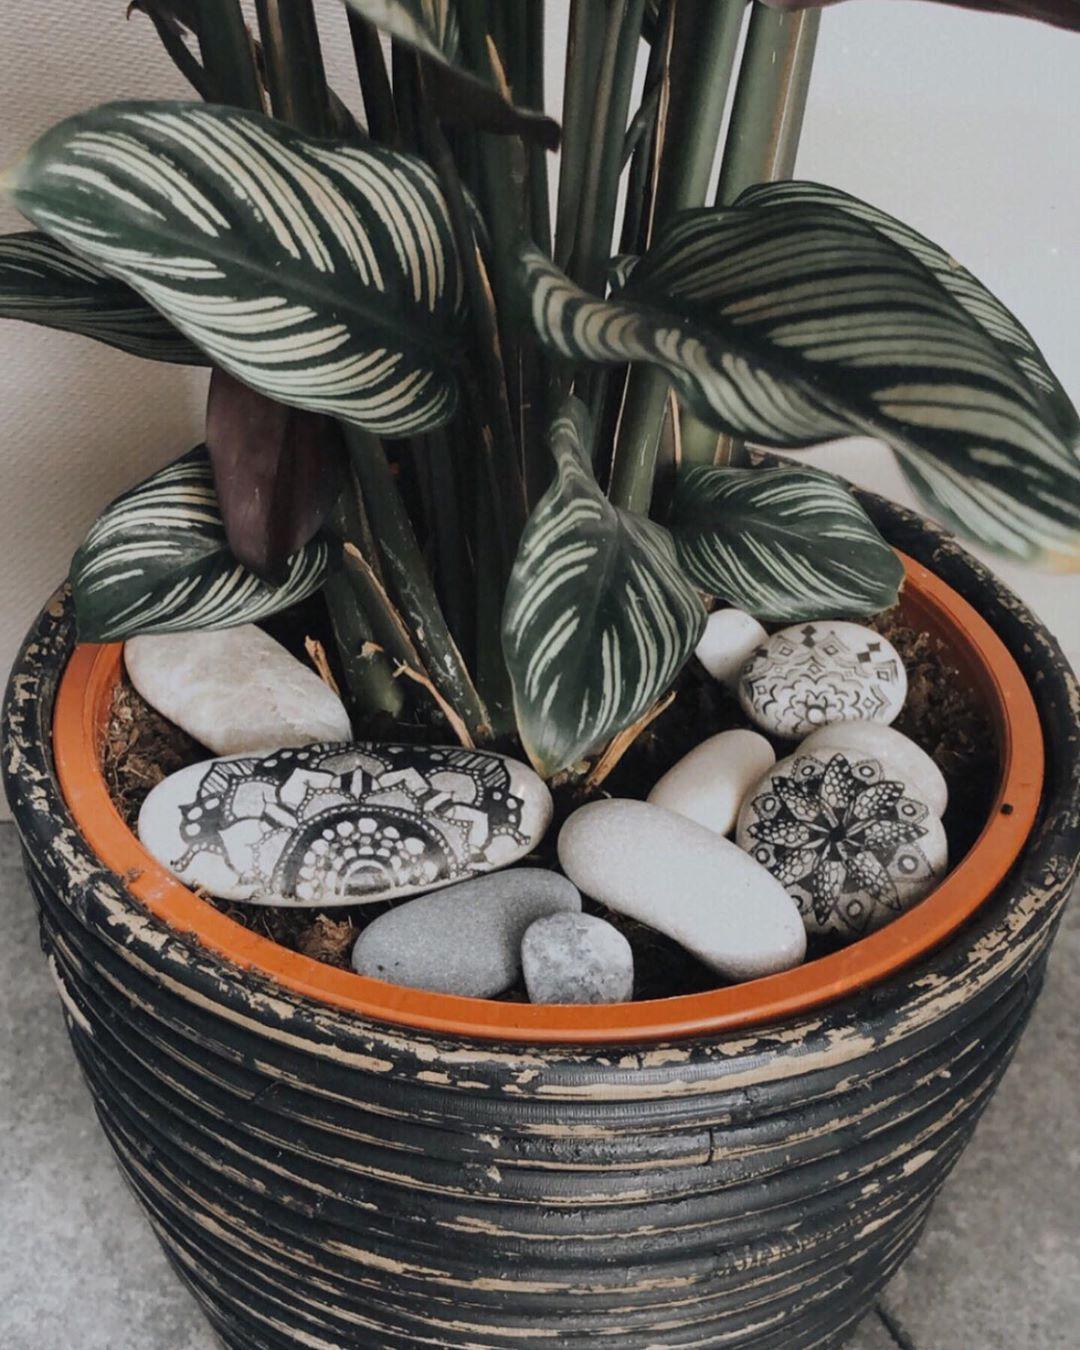 Vintage En Ik On Instagram Te Koop Decoratie Stenen Leuk Setje Stenen Met 3 Mandala Stenen 6 50 Enthousiast Reageer Dm Met Verkocht B